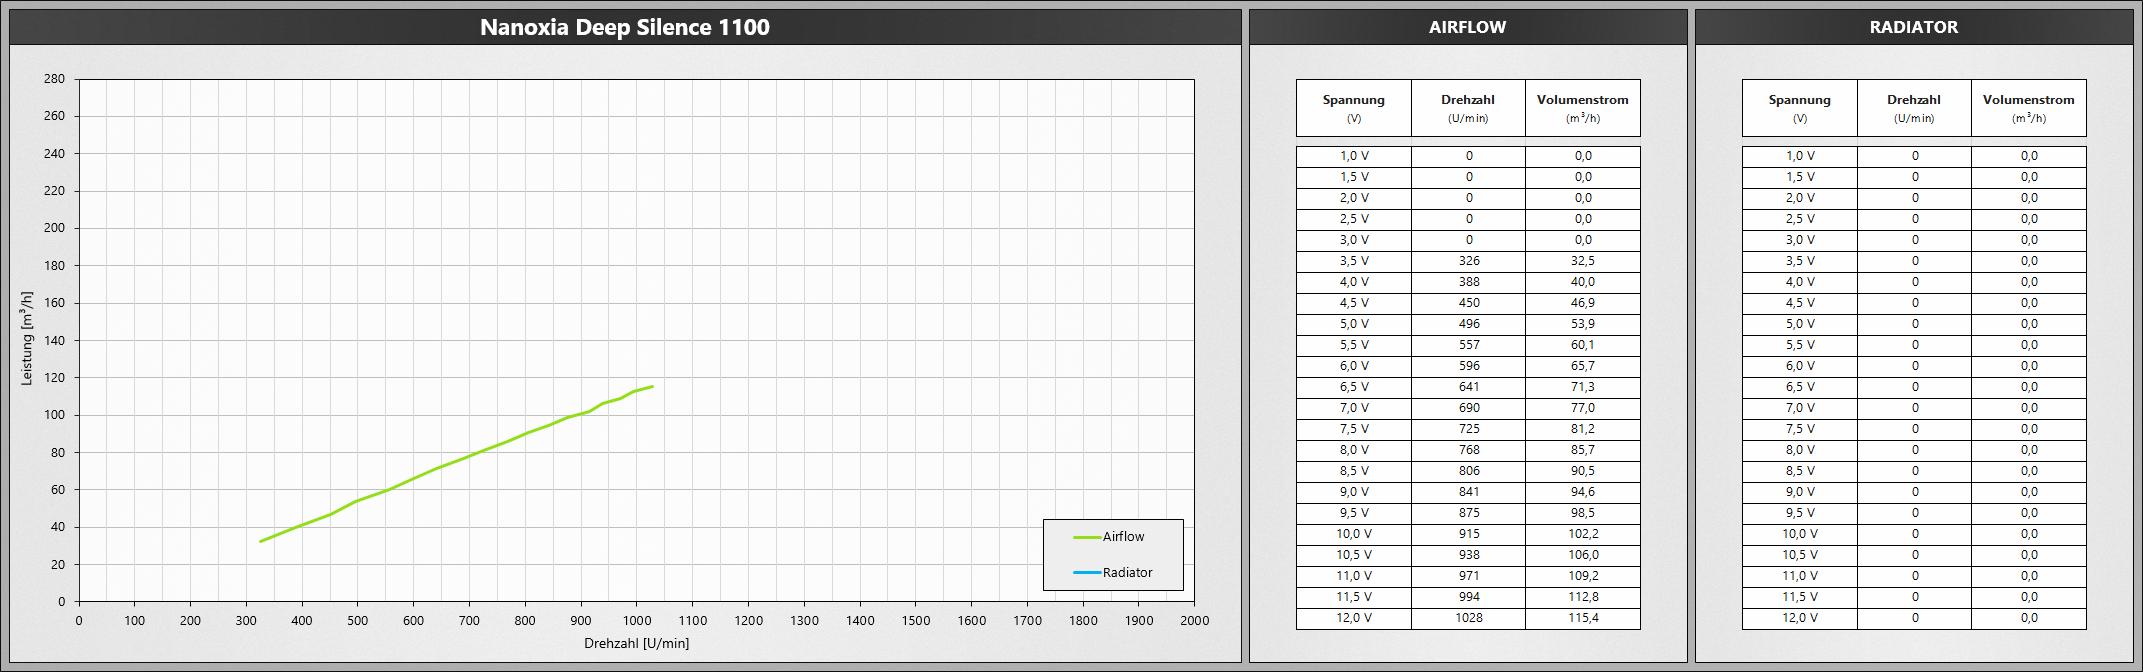 Klicken Sie auf die Grafik für eine größere Ansicht  Name:NanoxiaDeepSilence1100.png Hits:658 Größe:465,2 KB ID:1074766